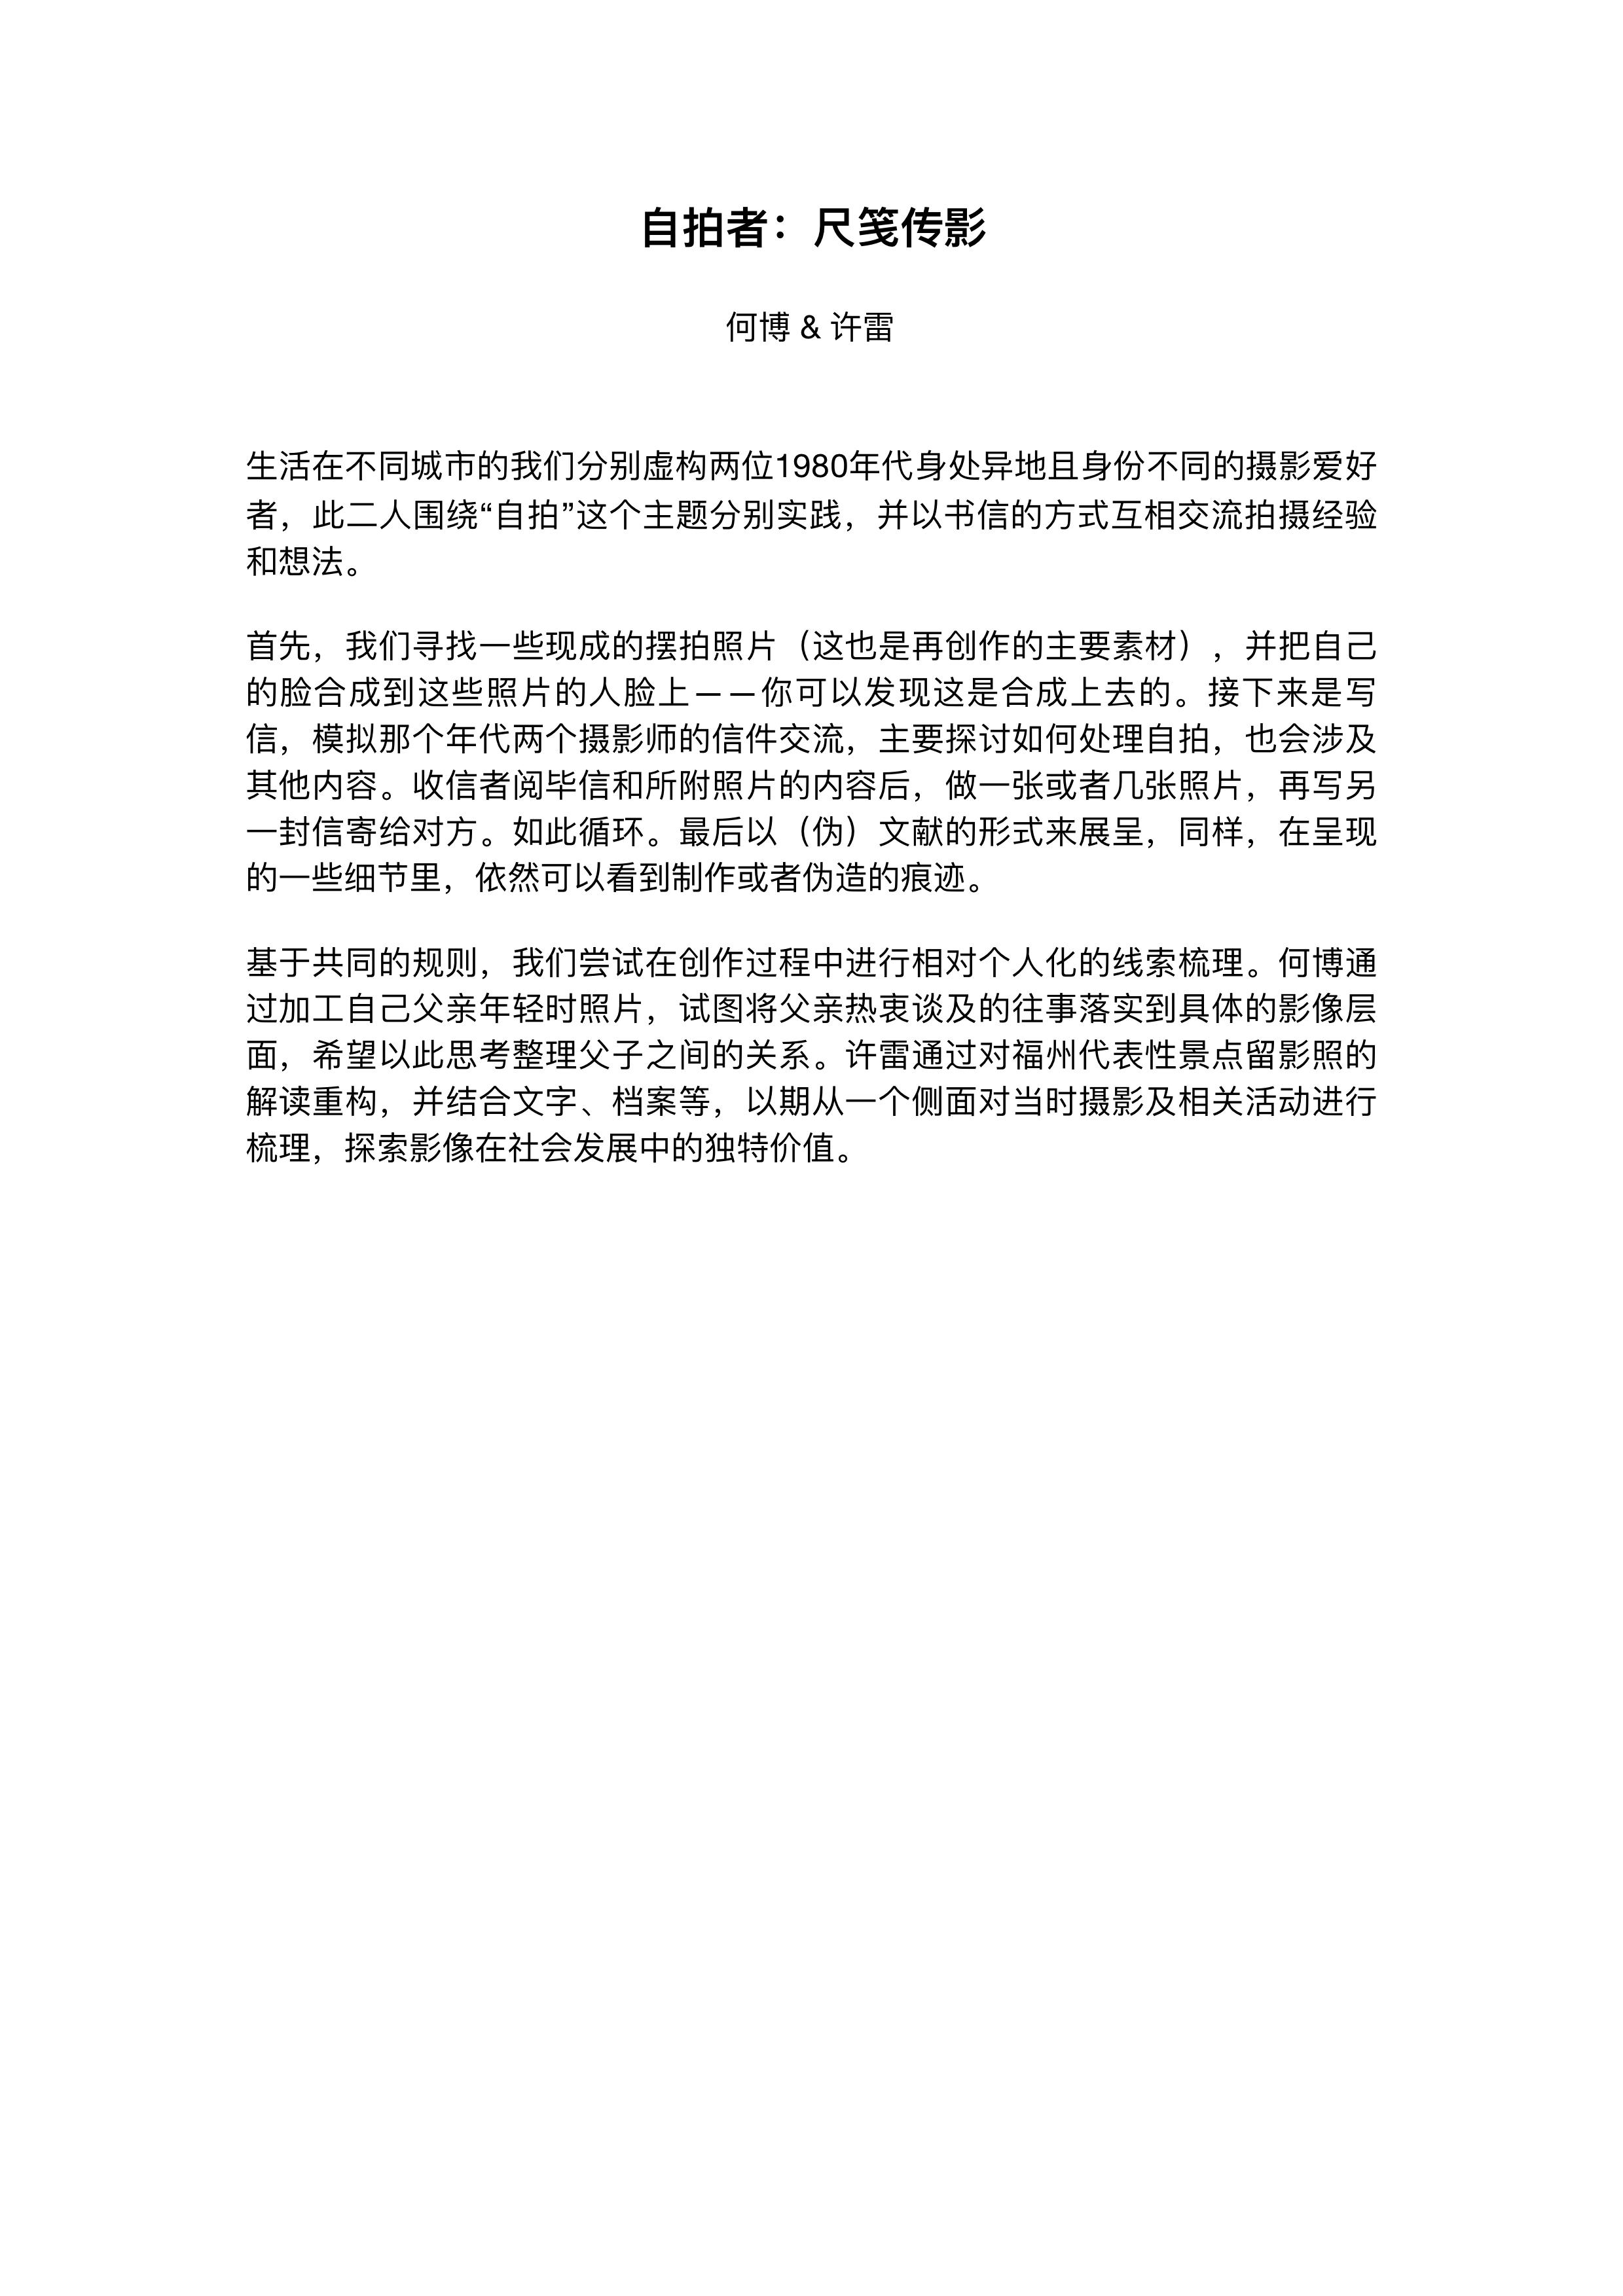 《自拍者:尺笺传影》阐述中英文版及作者简介(何博 许雷)1.jpg